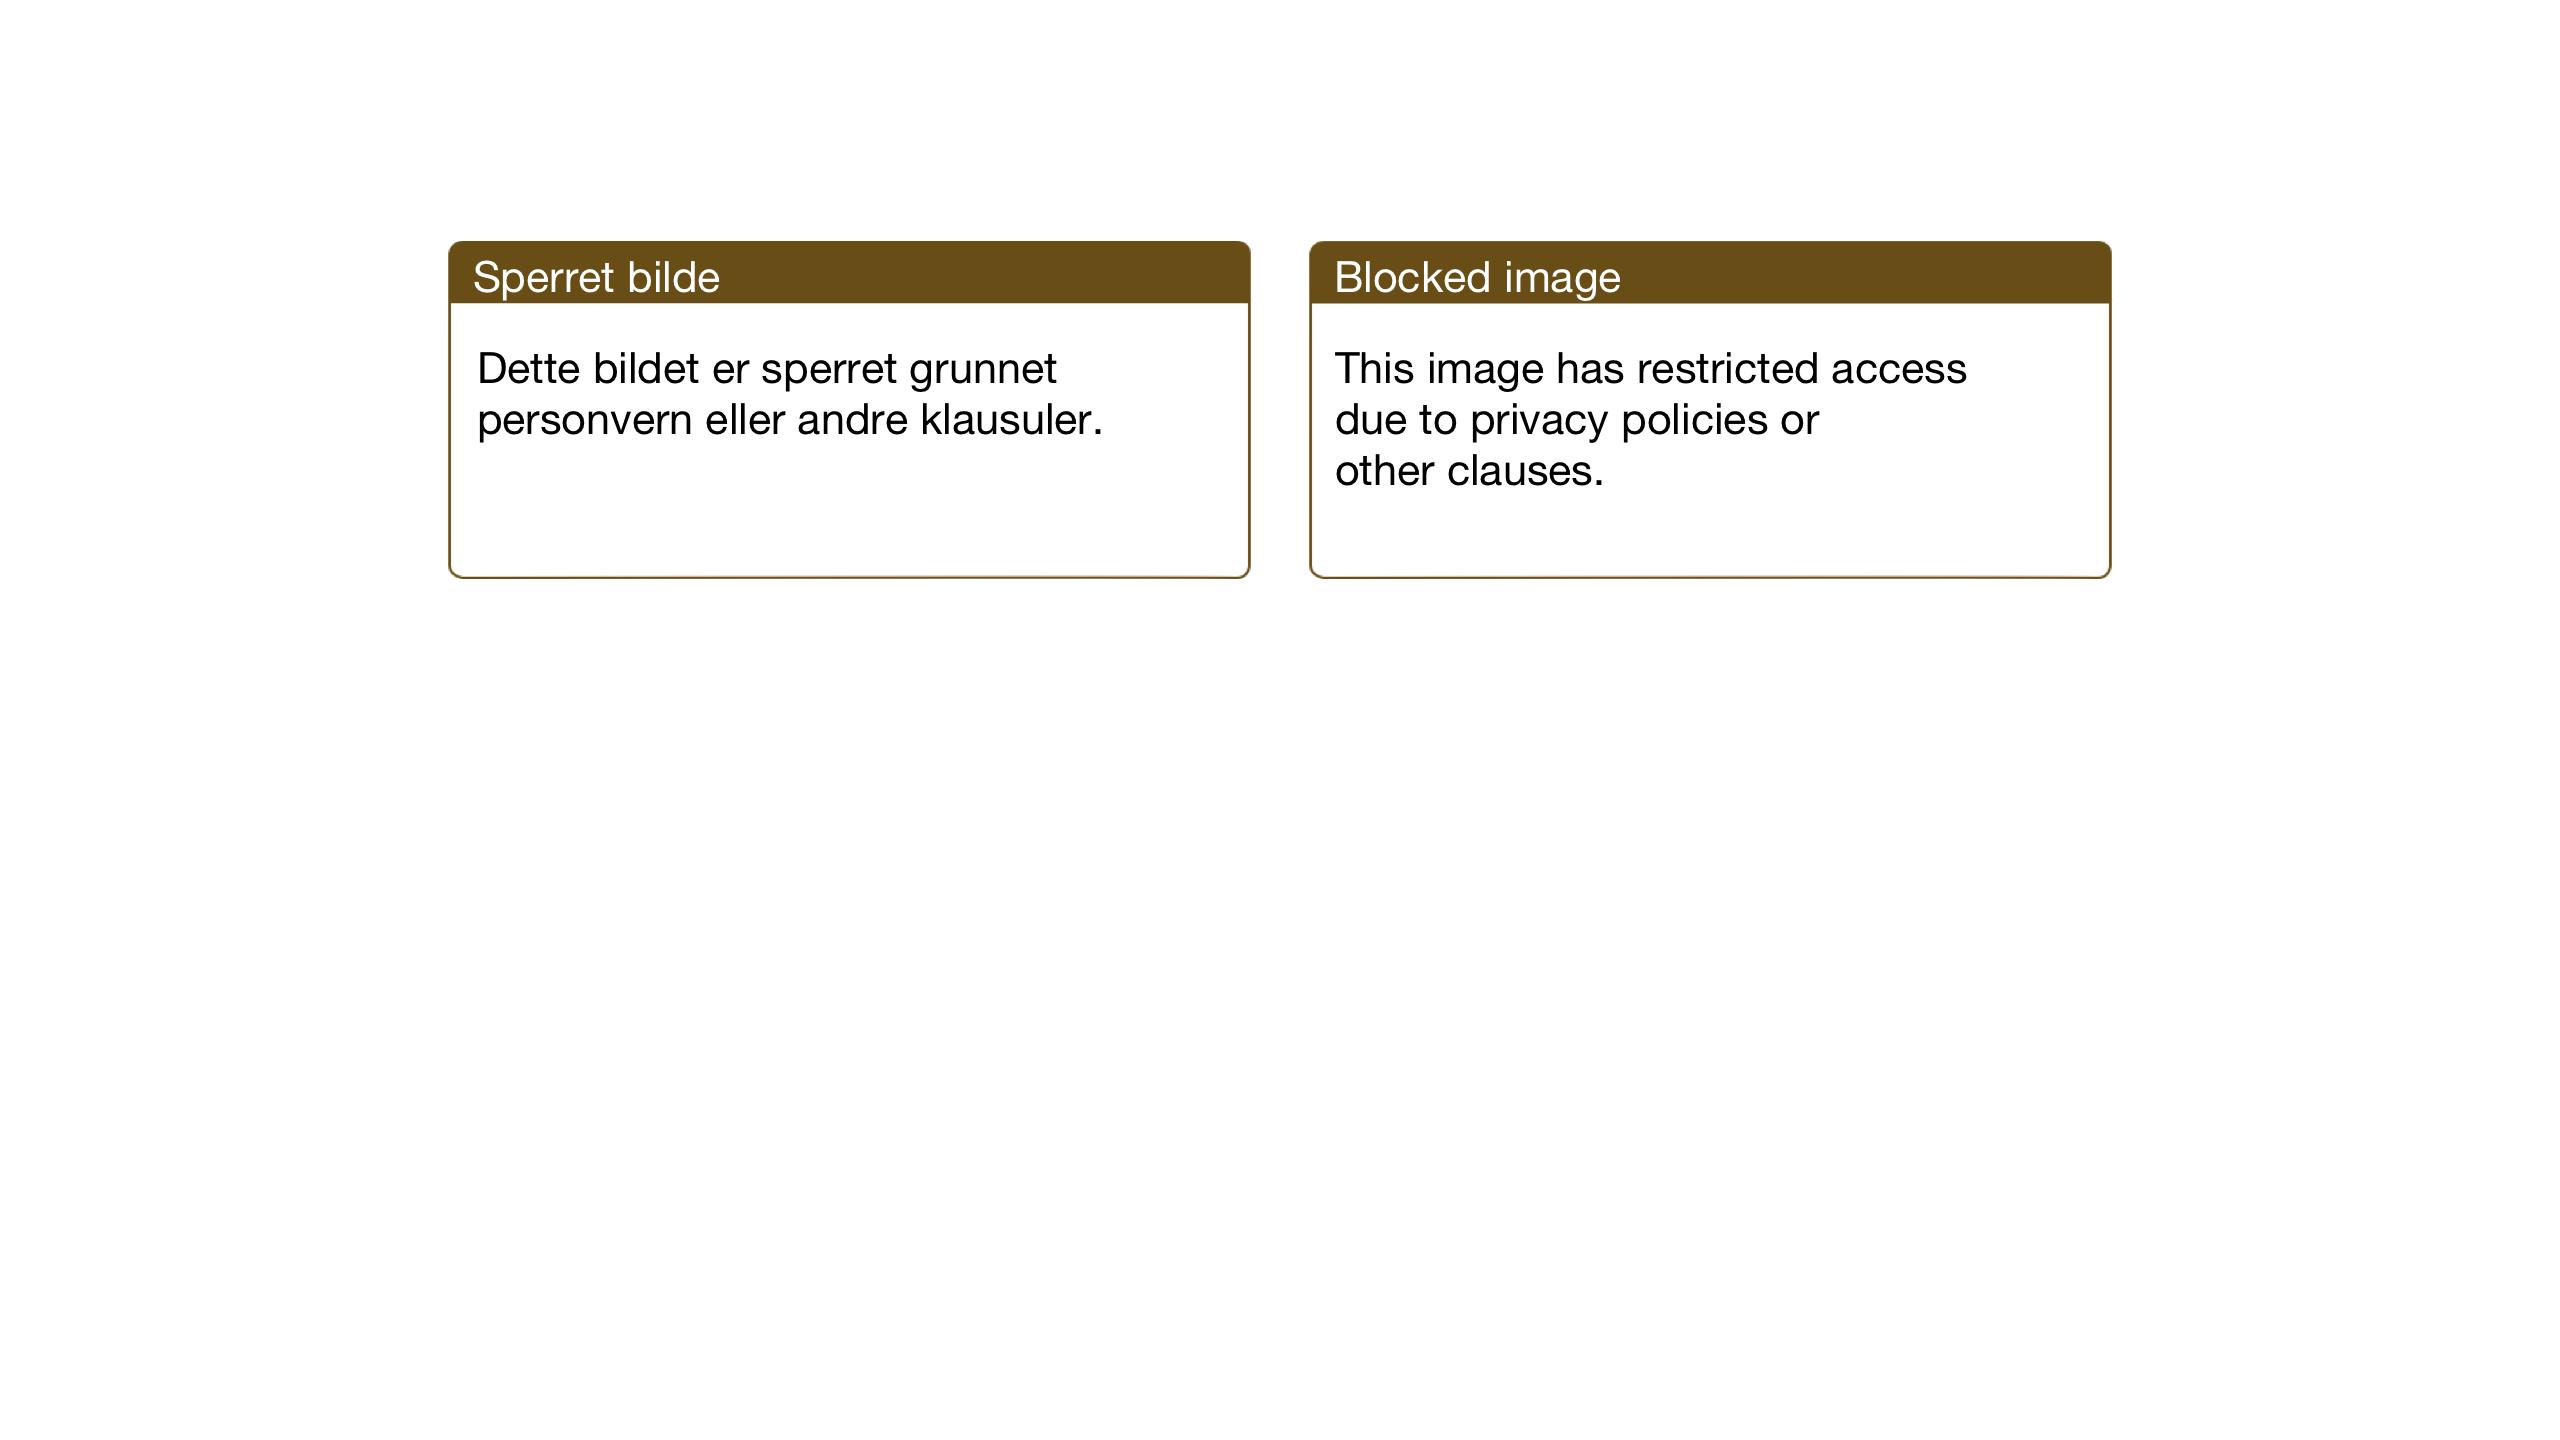 SAT, Ministerialprotokoller, klokkerbøker og fødselsregistre - Nord-Trøndelag, 721/L0209: Klokkerbok nr. 721C02, 1918-1940, s. 162